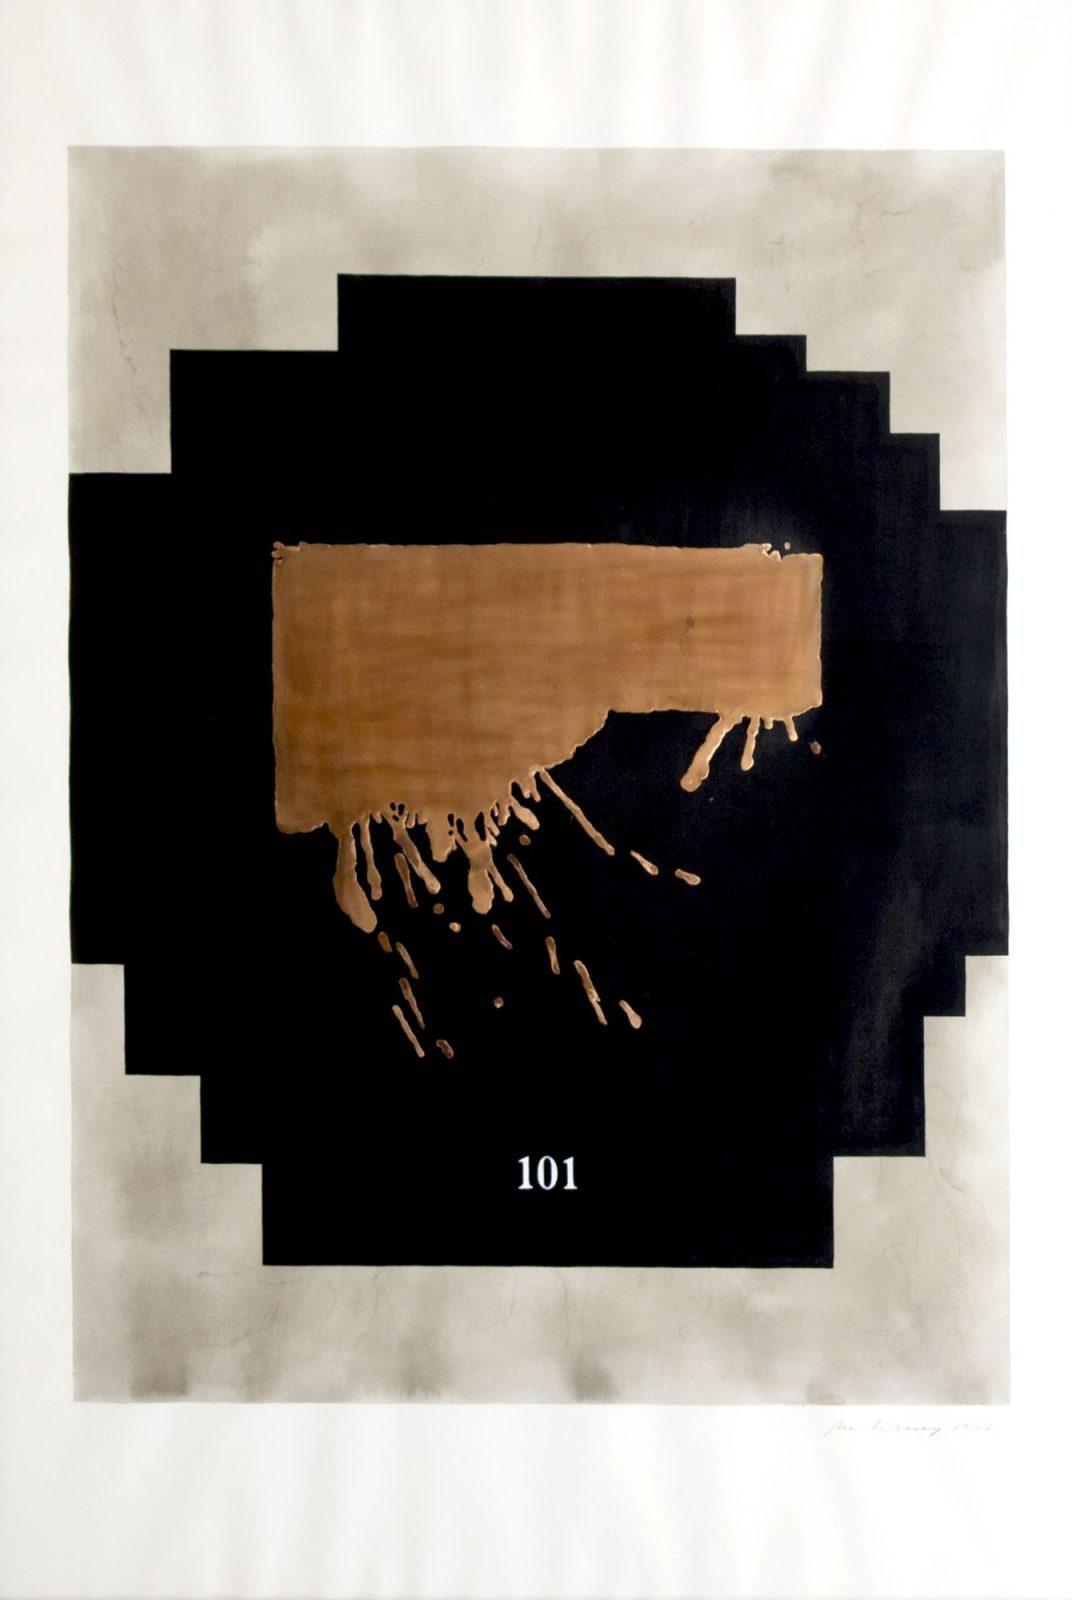 László Mulasics: Untitled 101